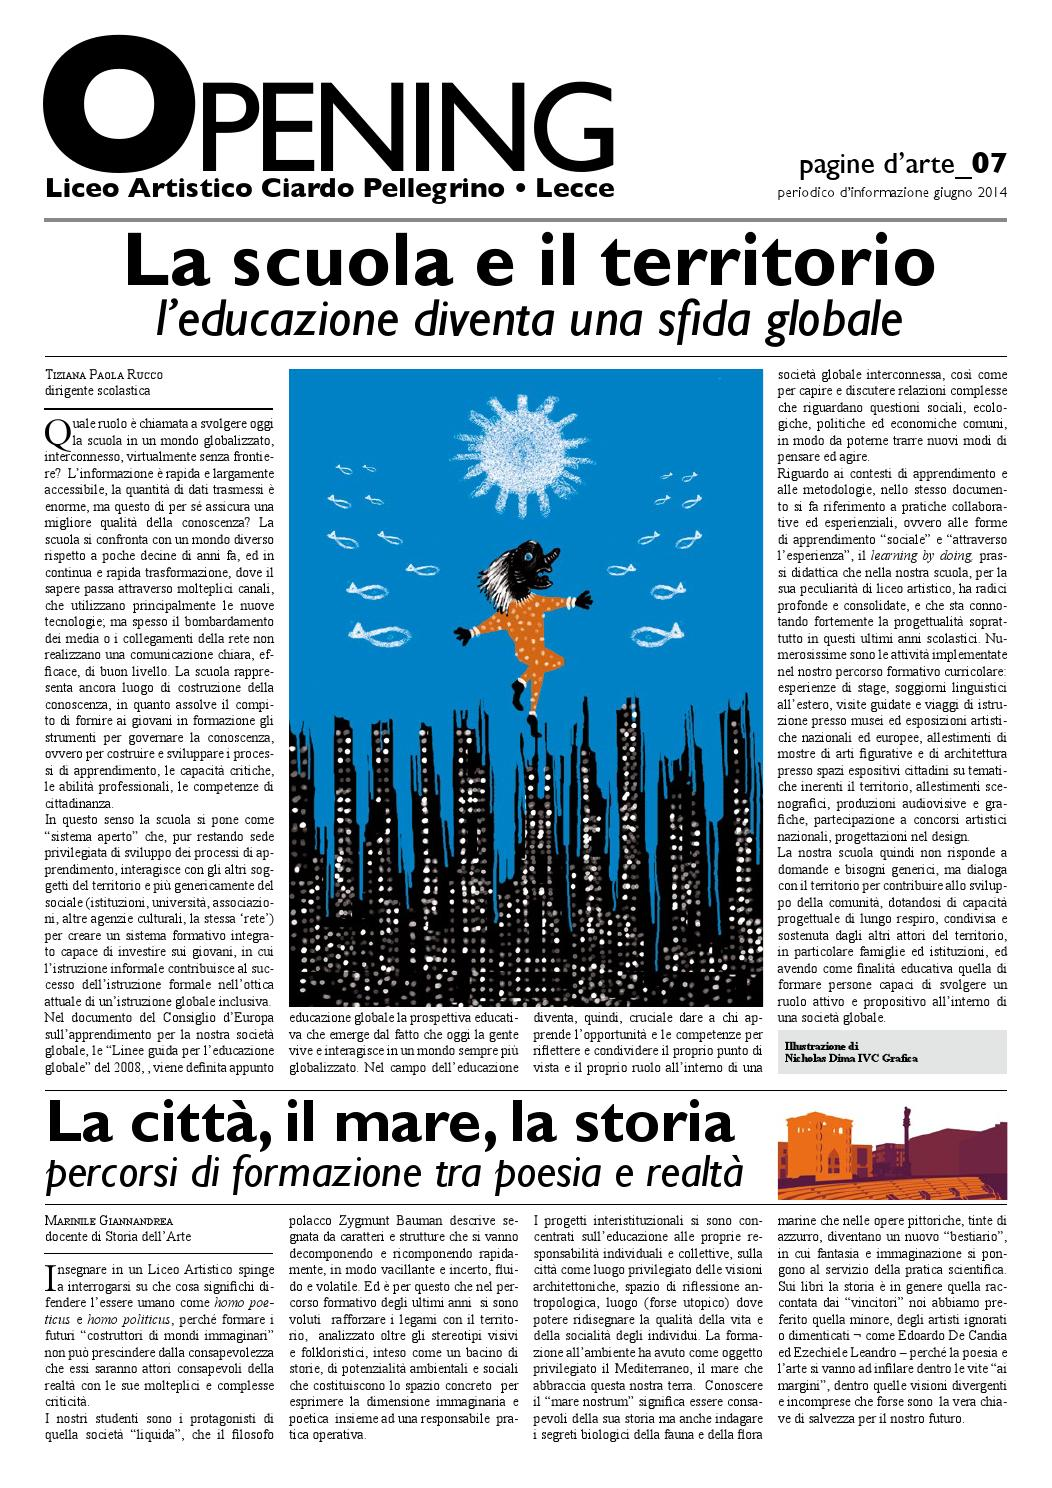 Liceo Artistico Michelangelo Como opening_07 giugno 2014 by liceo artistico e coreutico lecce